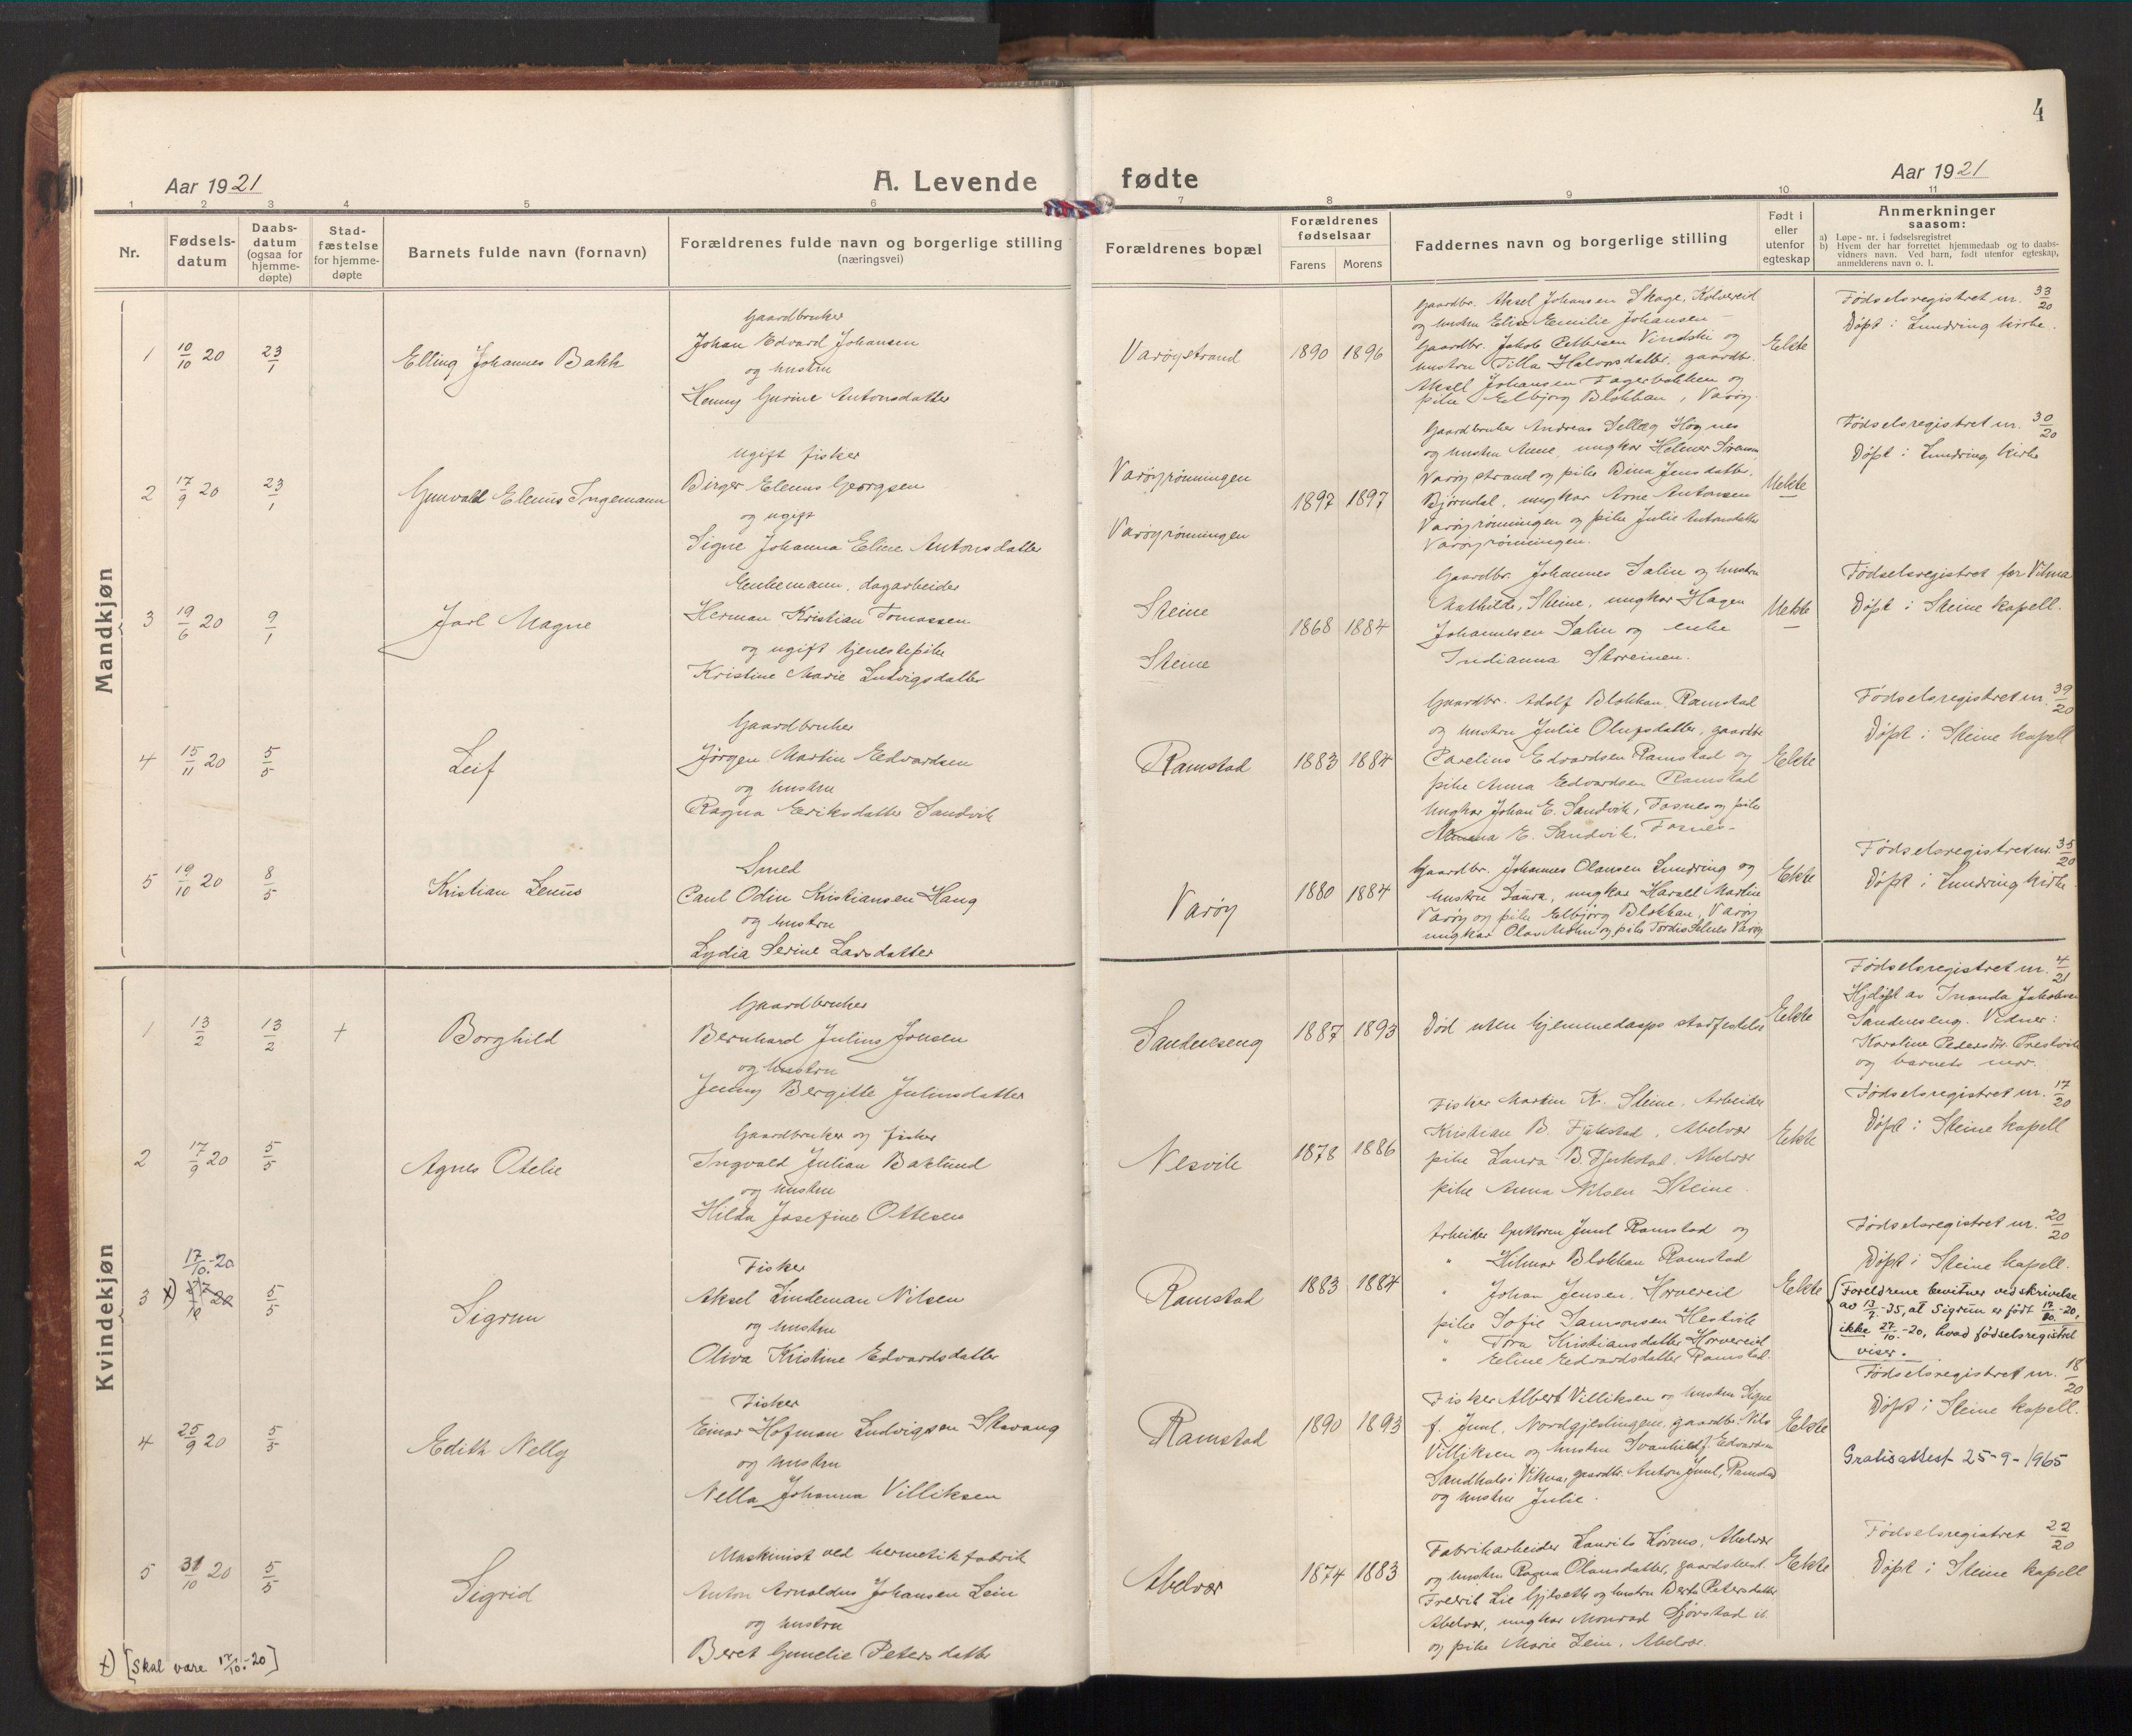 SAT, Ministerialprotokoller, klokkerbøker og fødselsregistre - Nord-Trøndelag, 784/L0678: Ministerialbok nr. 784A13, 1921-1938, s. 4